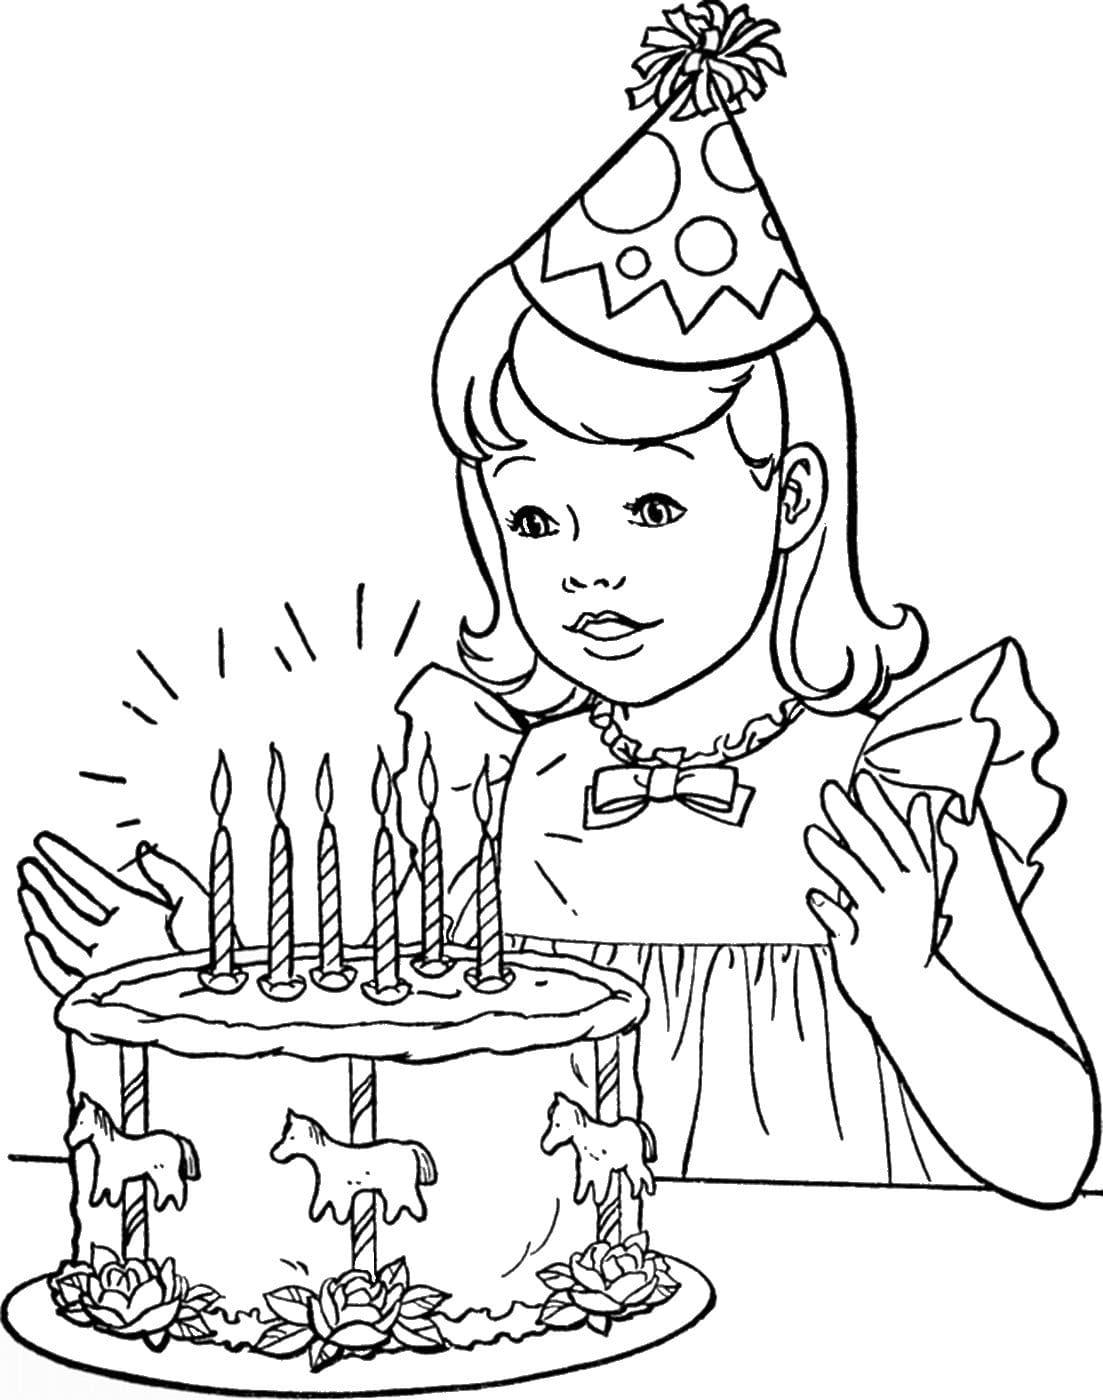 Раскраска с днем рождения для девочки 12 лет, картинки надписями открытка